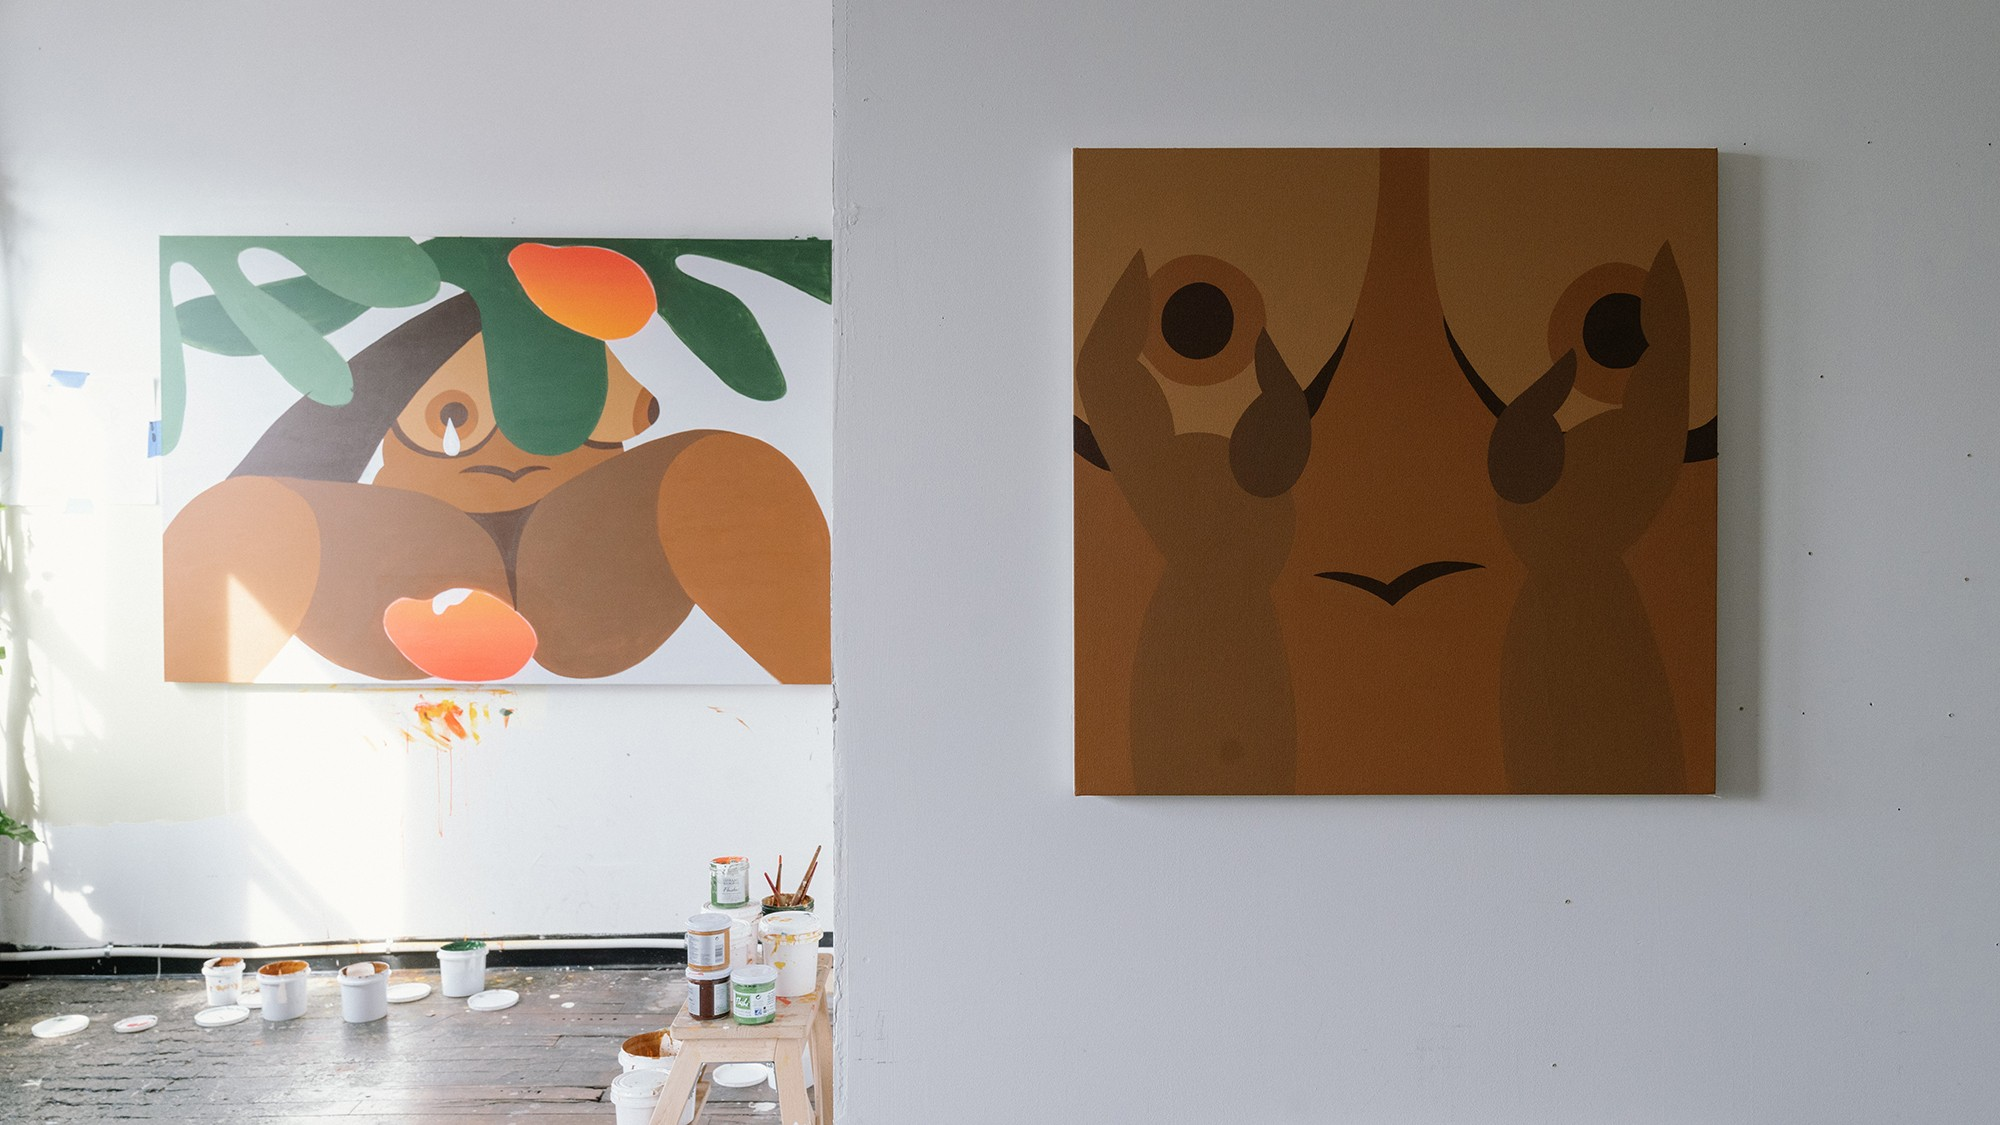 bianca nemelc artist painter interview new york city black lives matter woman black brown